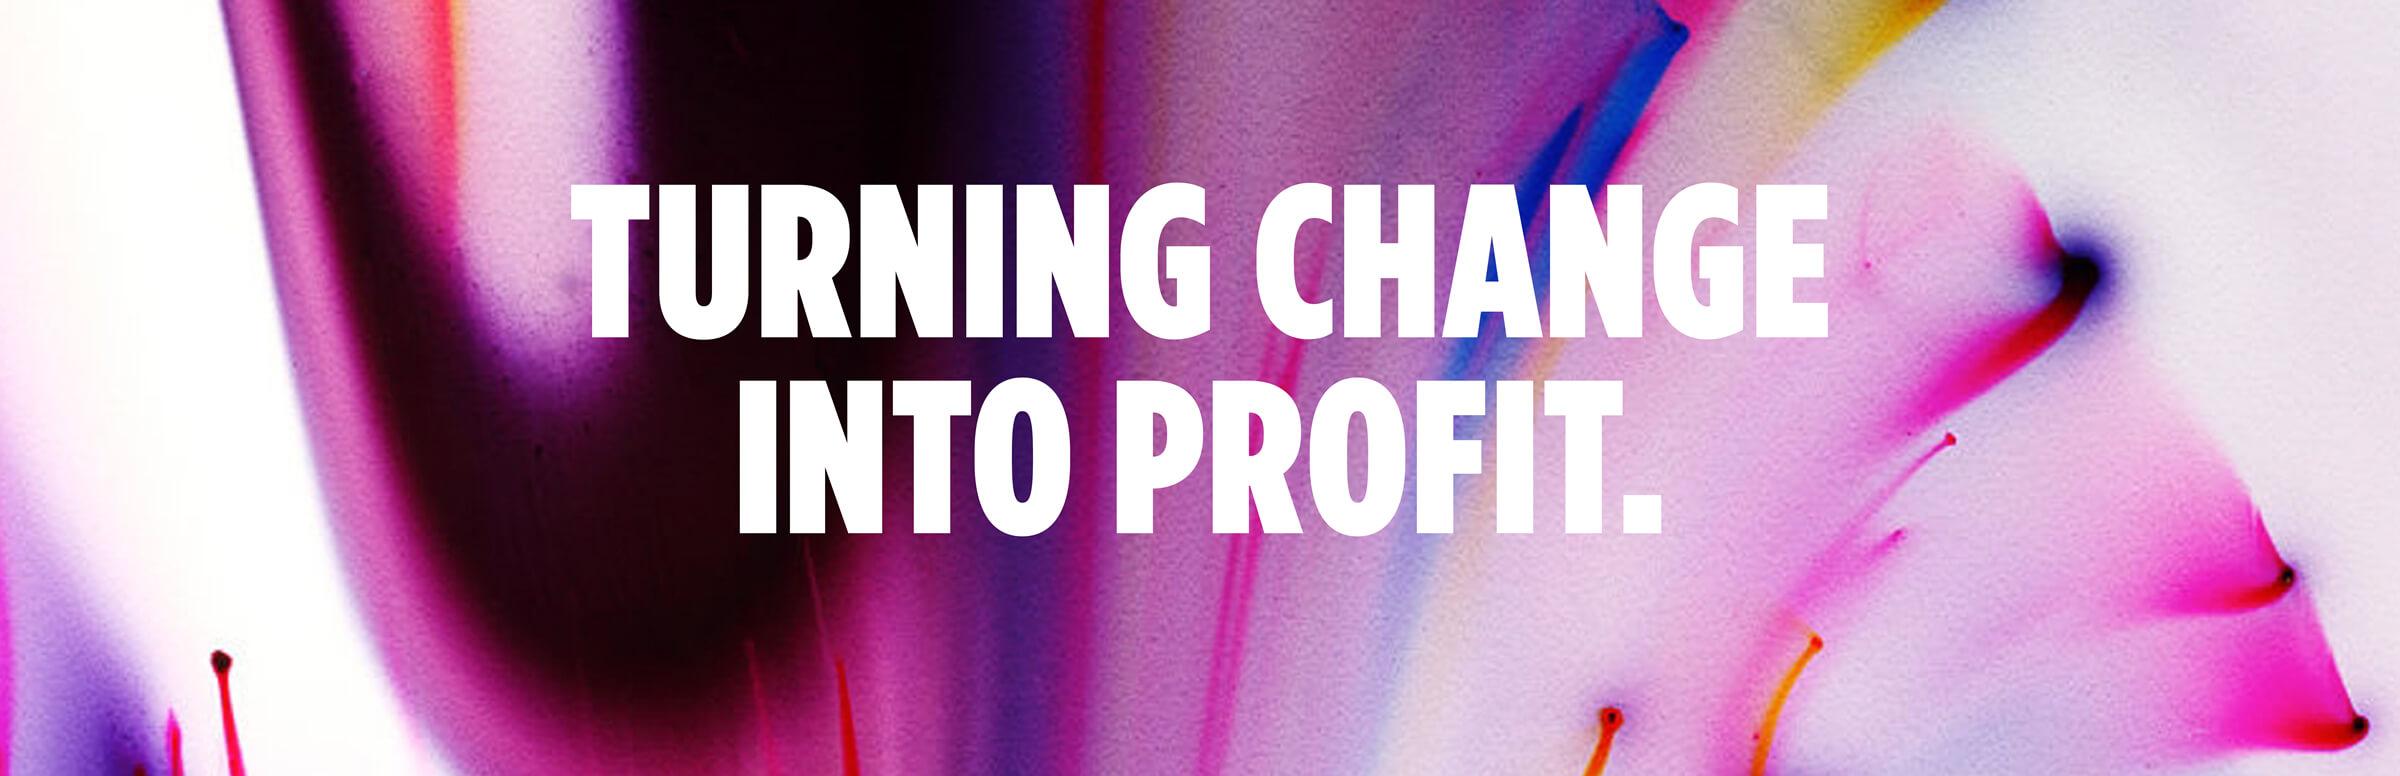 Turning Change Into Profit.